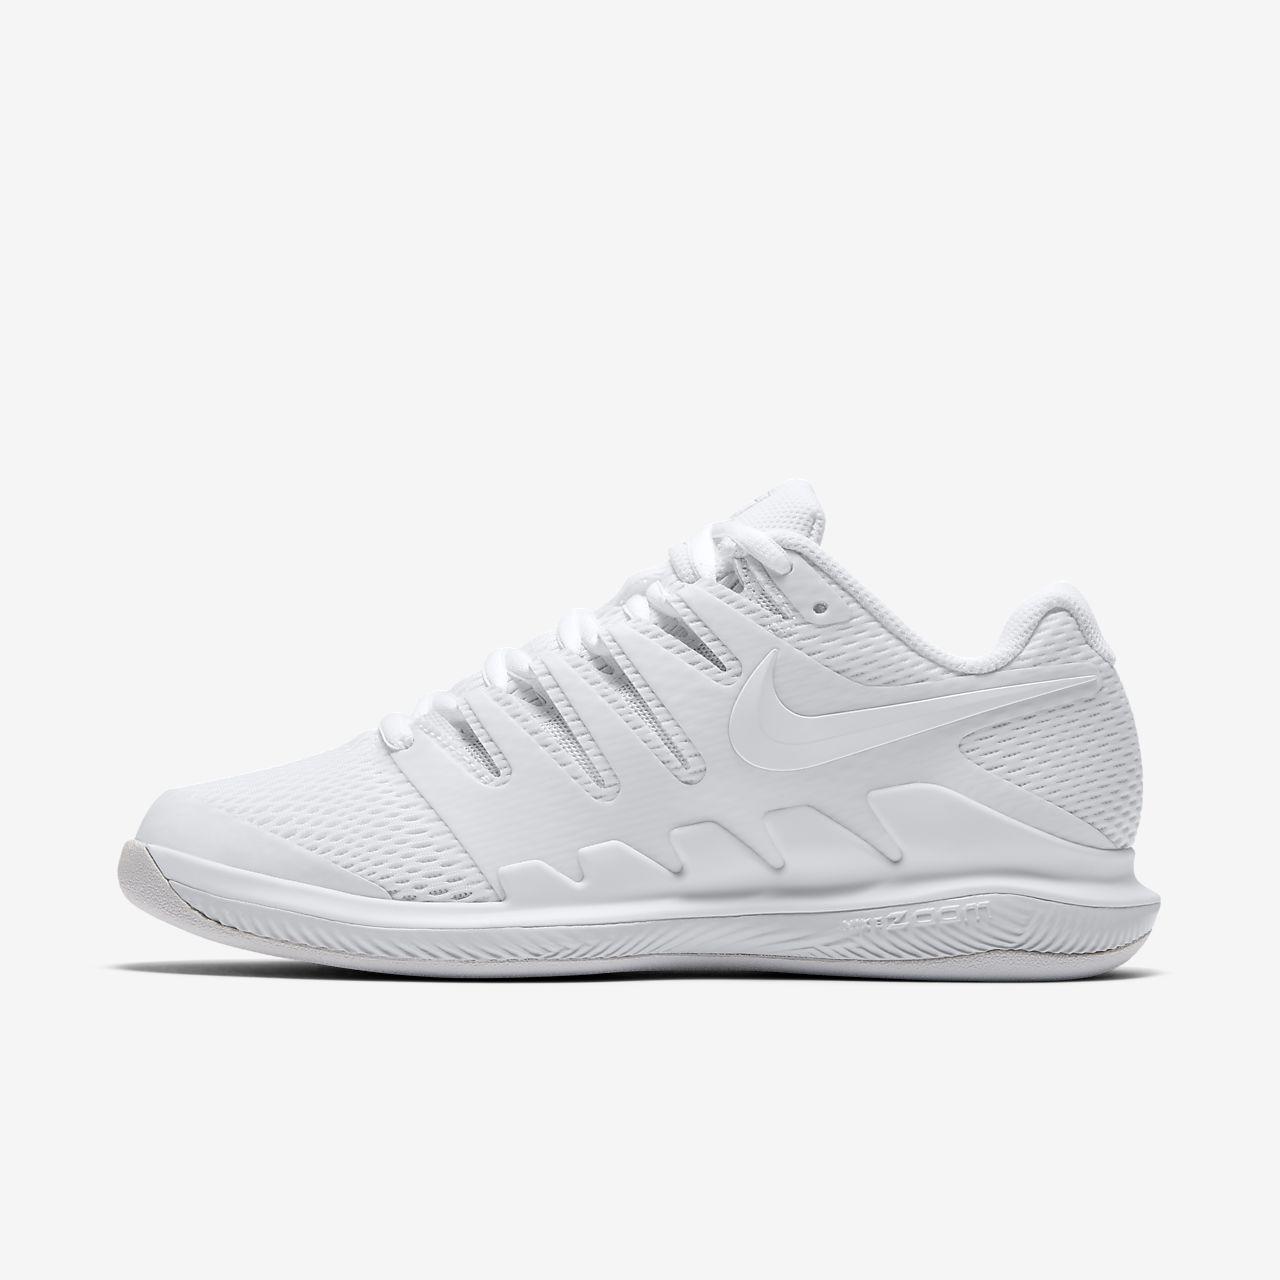 Chaussure Vapor De Air Carpet Pour 10 Zoom Nike Femme Tennis rx7dqngvwr